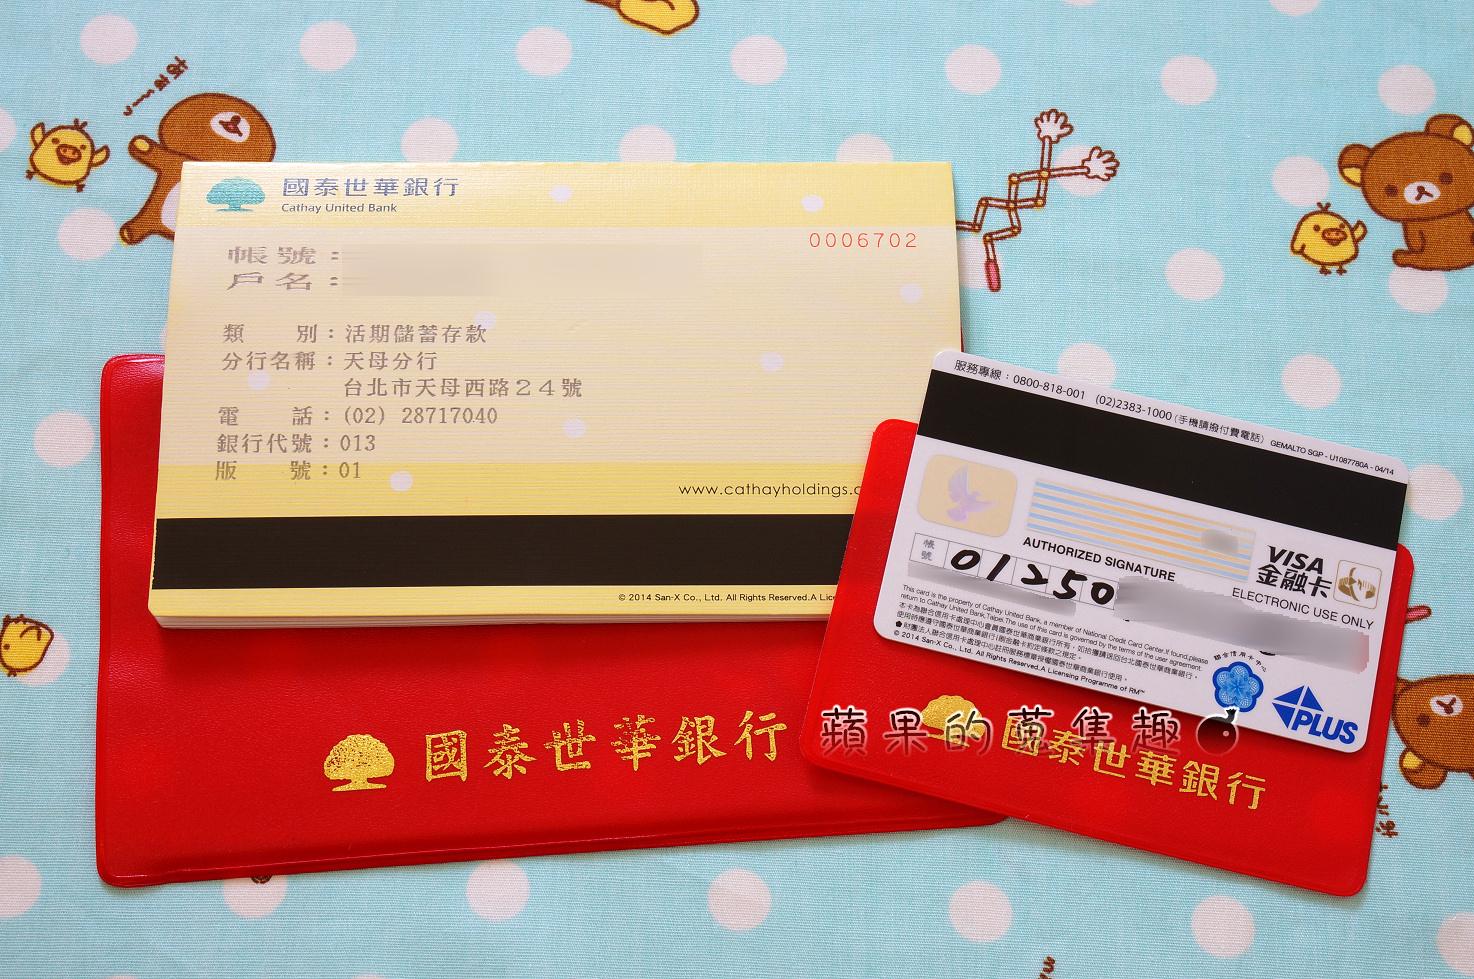 蘋果的蒐集趣: 國泰世華 拉拉熊 i刷金融卡 (更新:封套也有拉拉熊!)